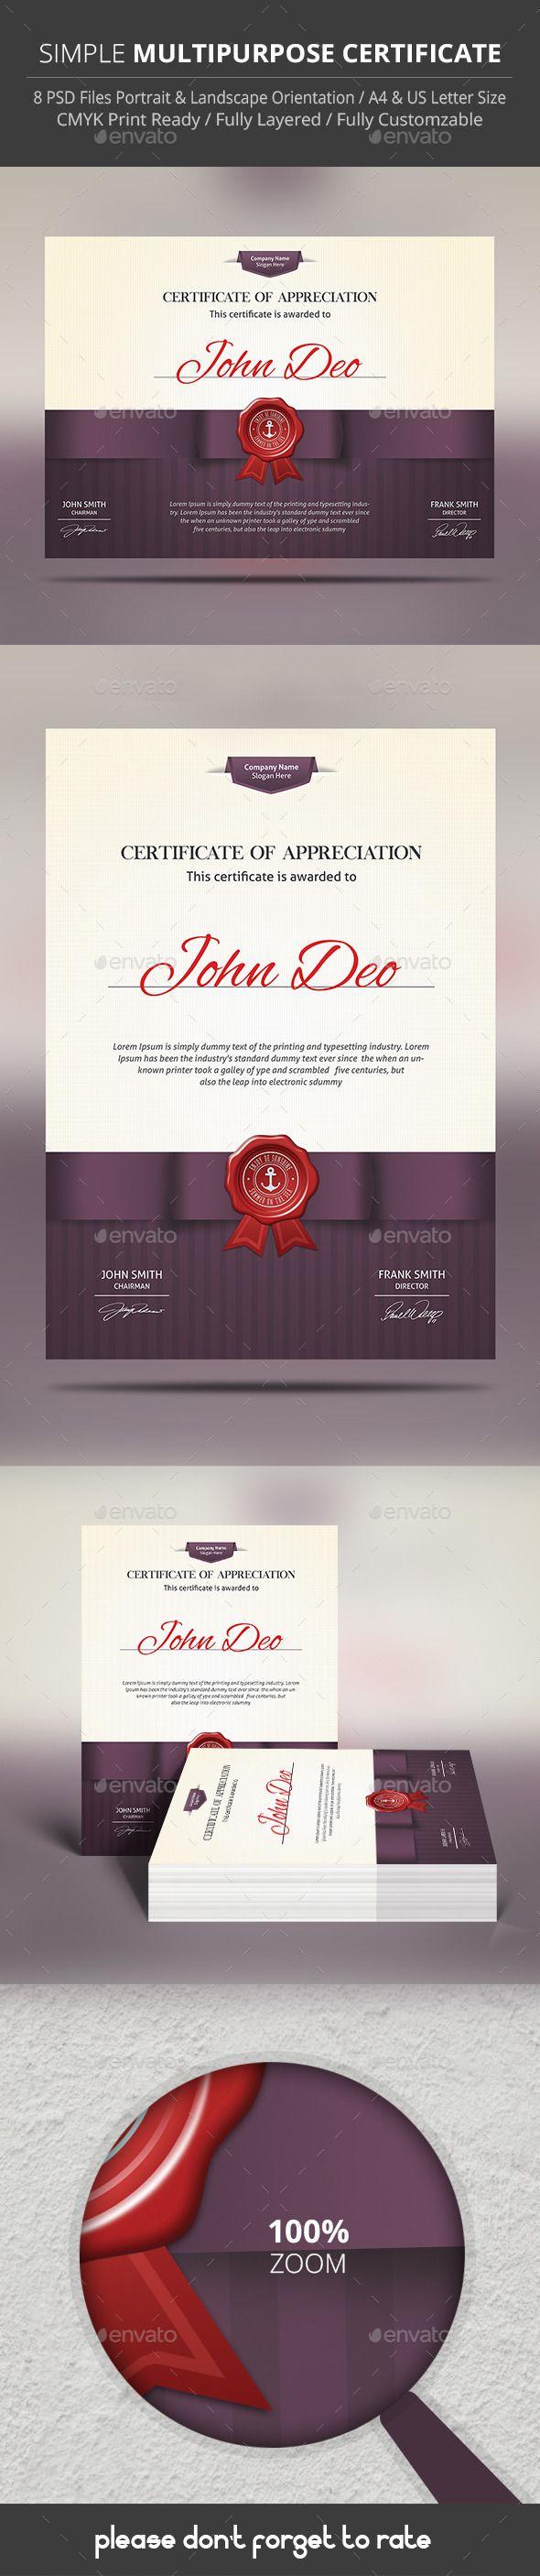 Best 25 Certificate templates ideas on Pinterest Award - mandegar.info